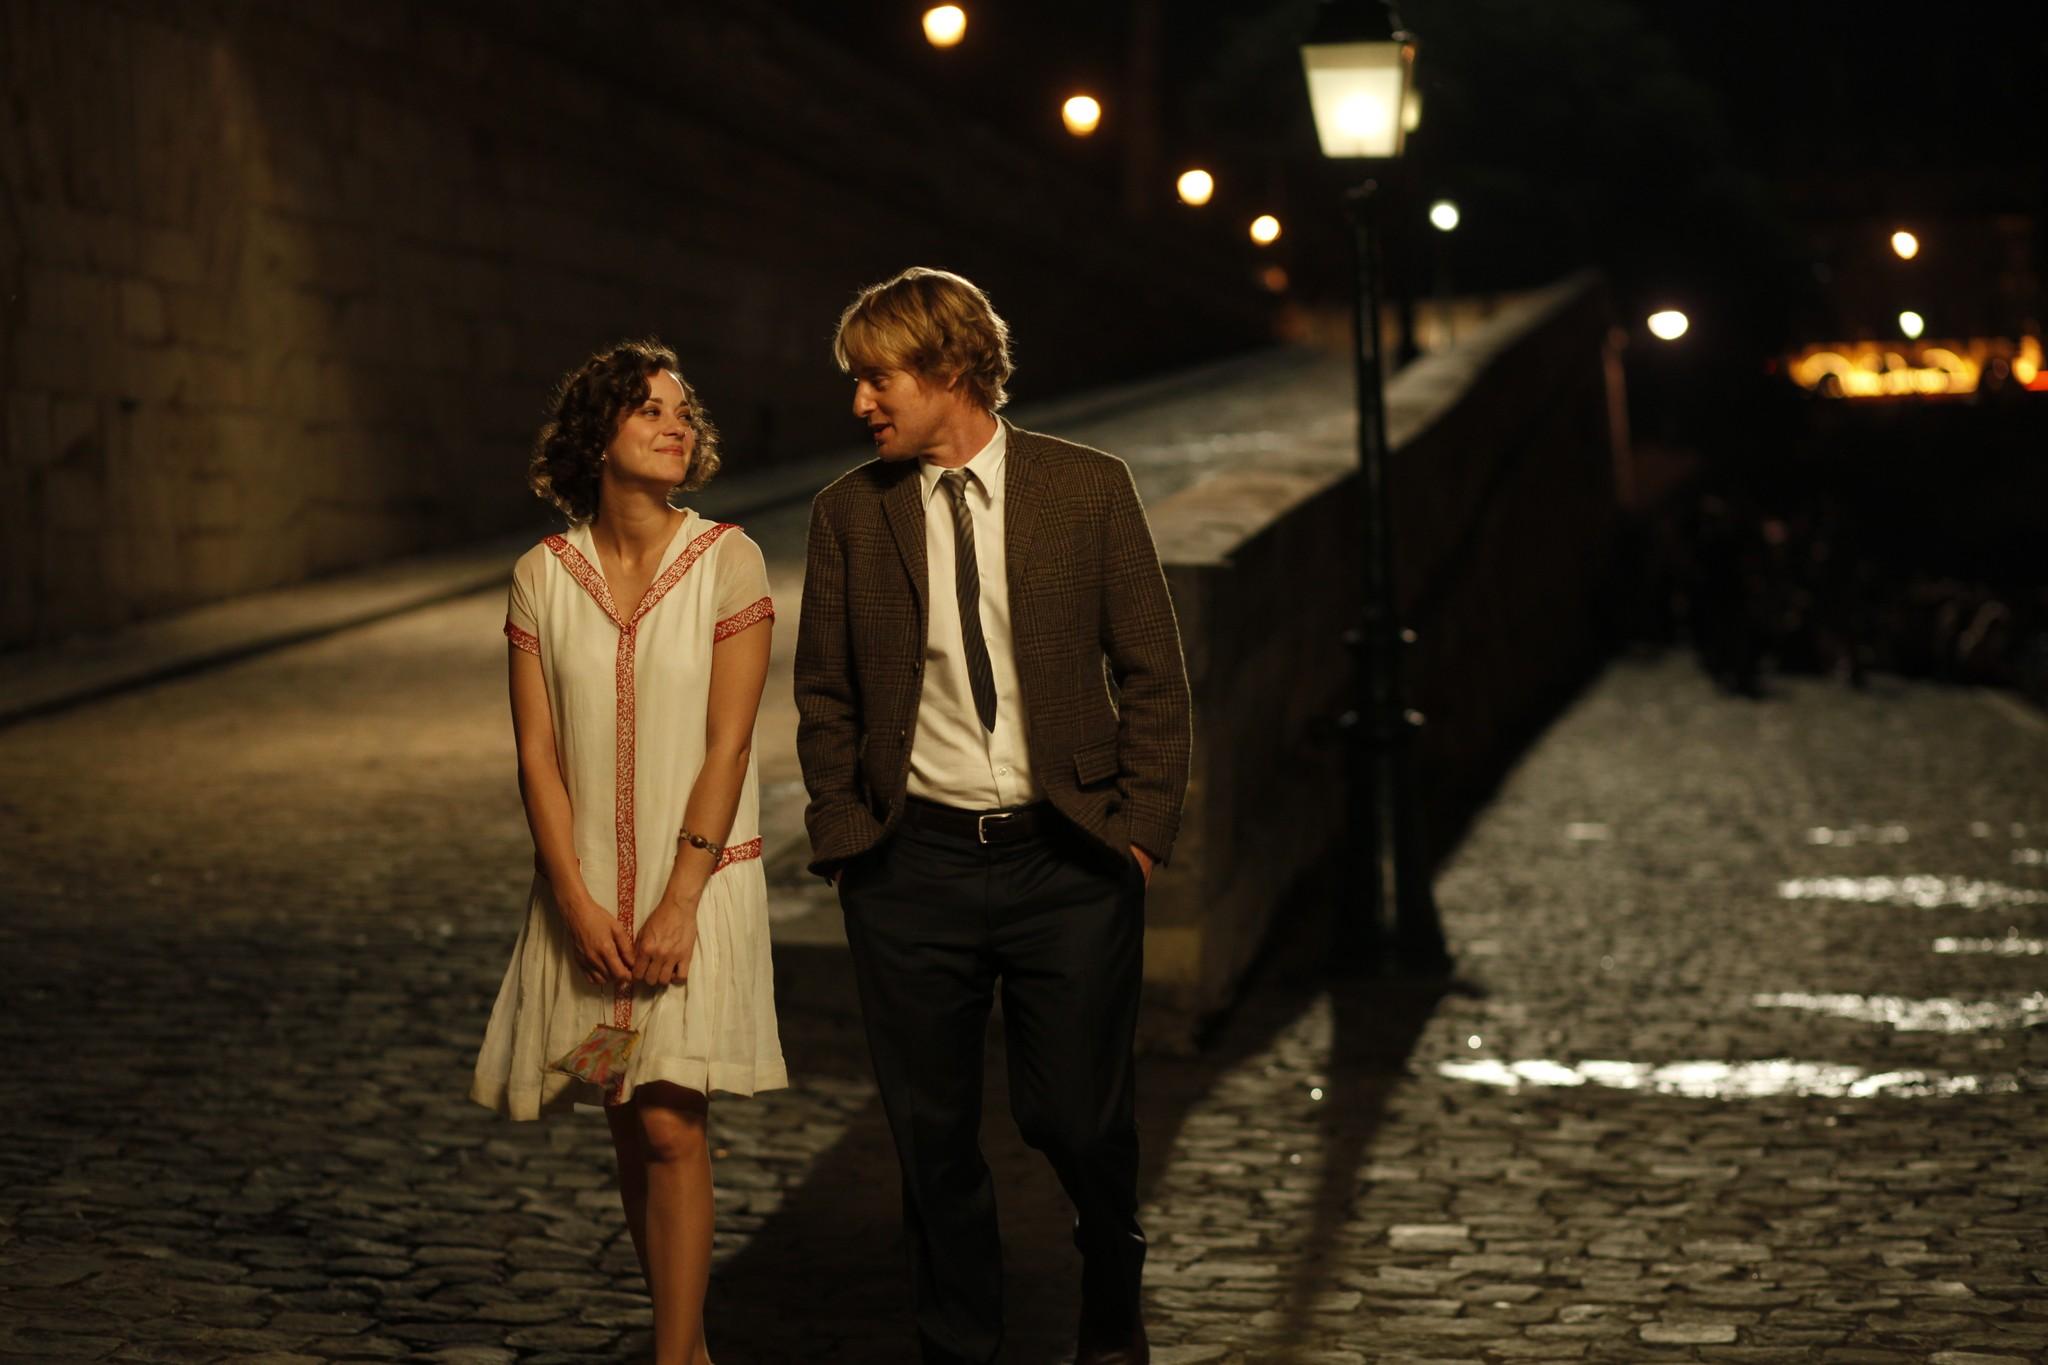 Owen Wilson and Marion Cotillard in Midnight in Paris (2011)